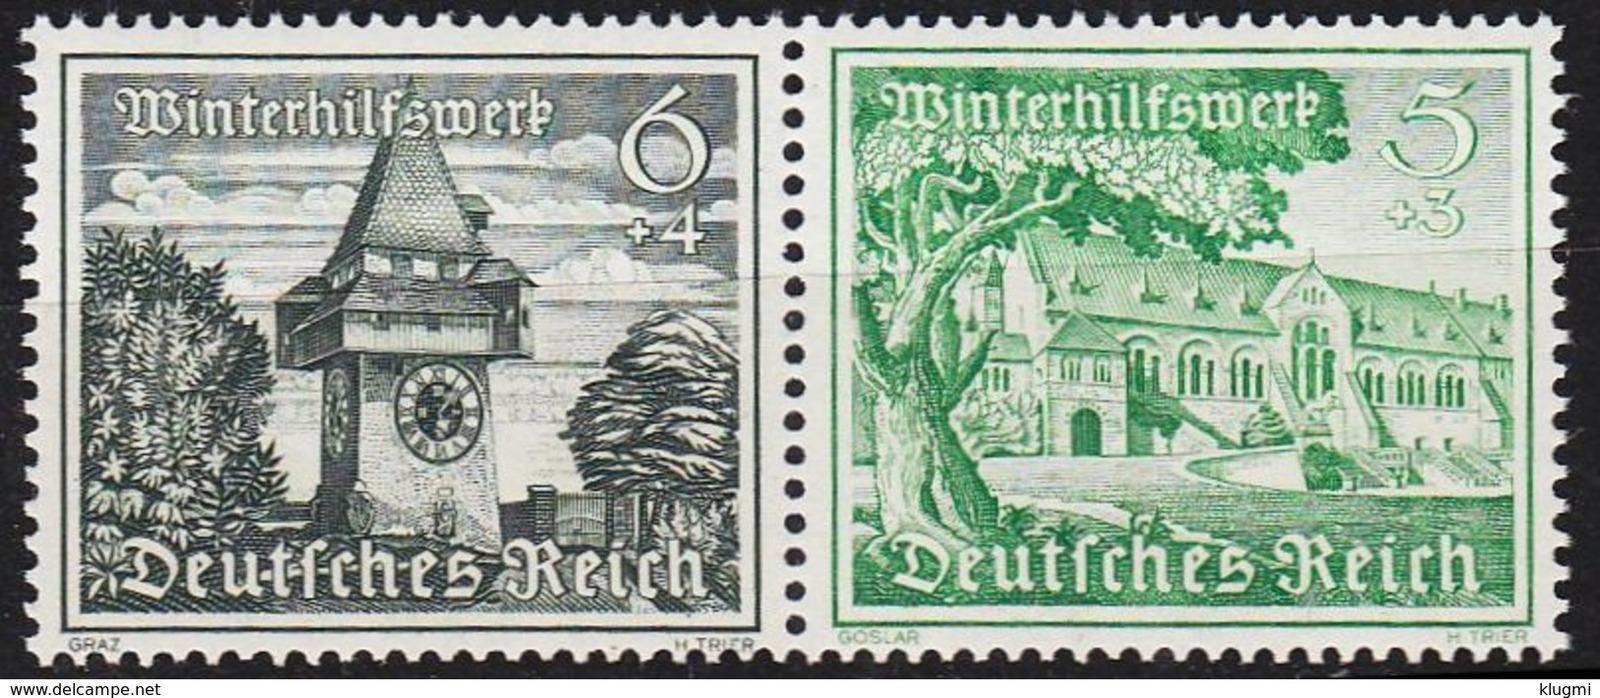 Germany mi w136